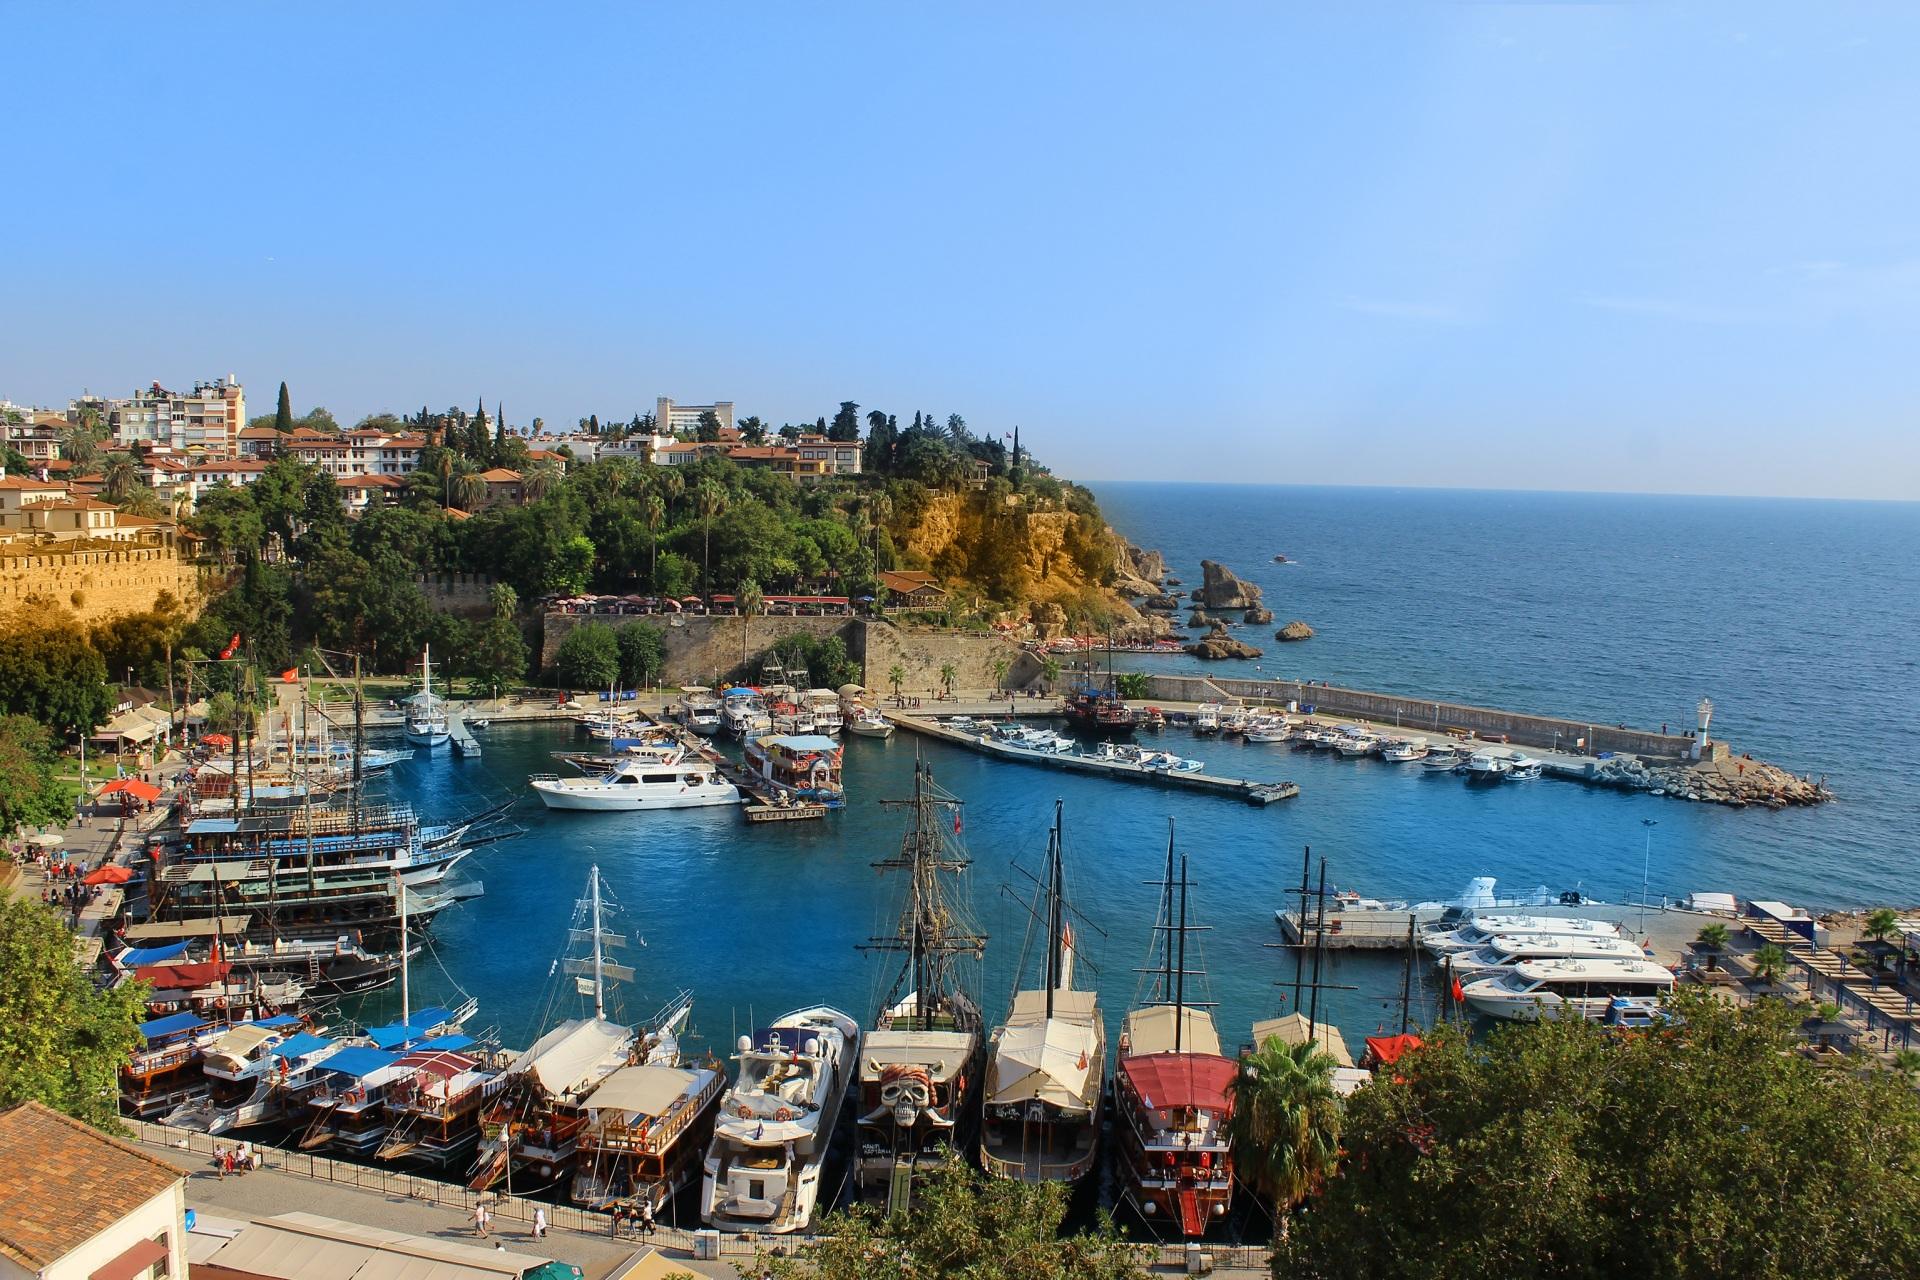 Обои для рабочего стола Турция Antalya берег Пирсы Бухта Катера город 1920x1280 бухты Причалы Пристань Побережье Города